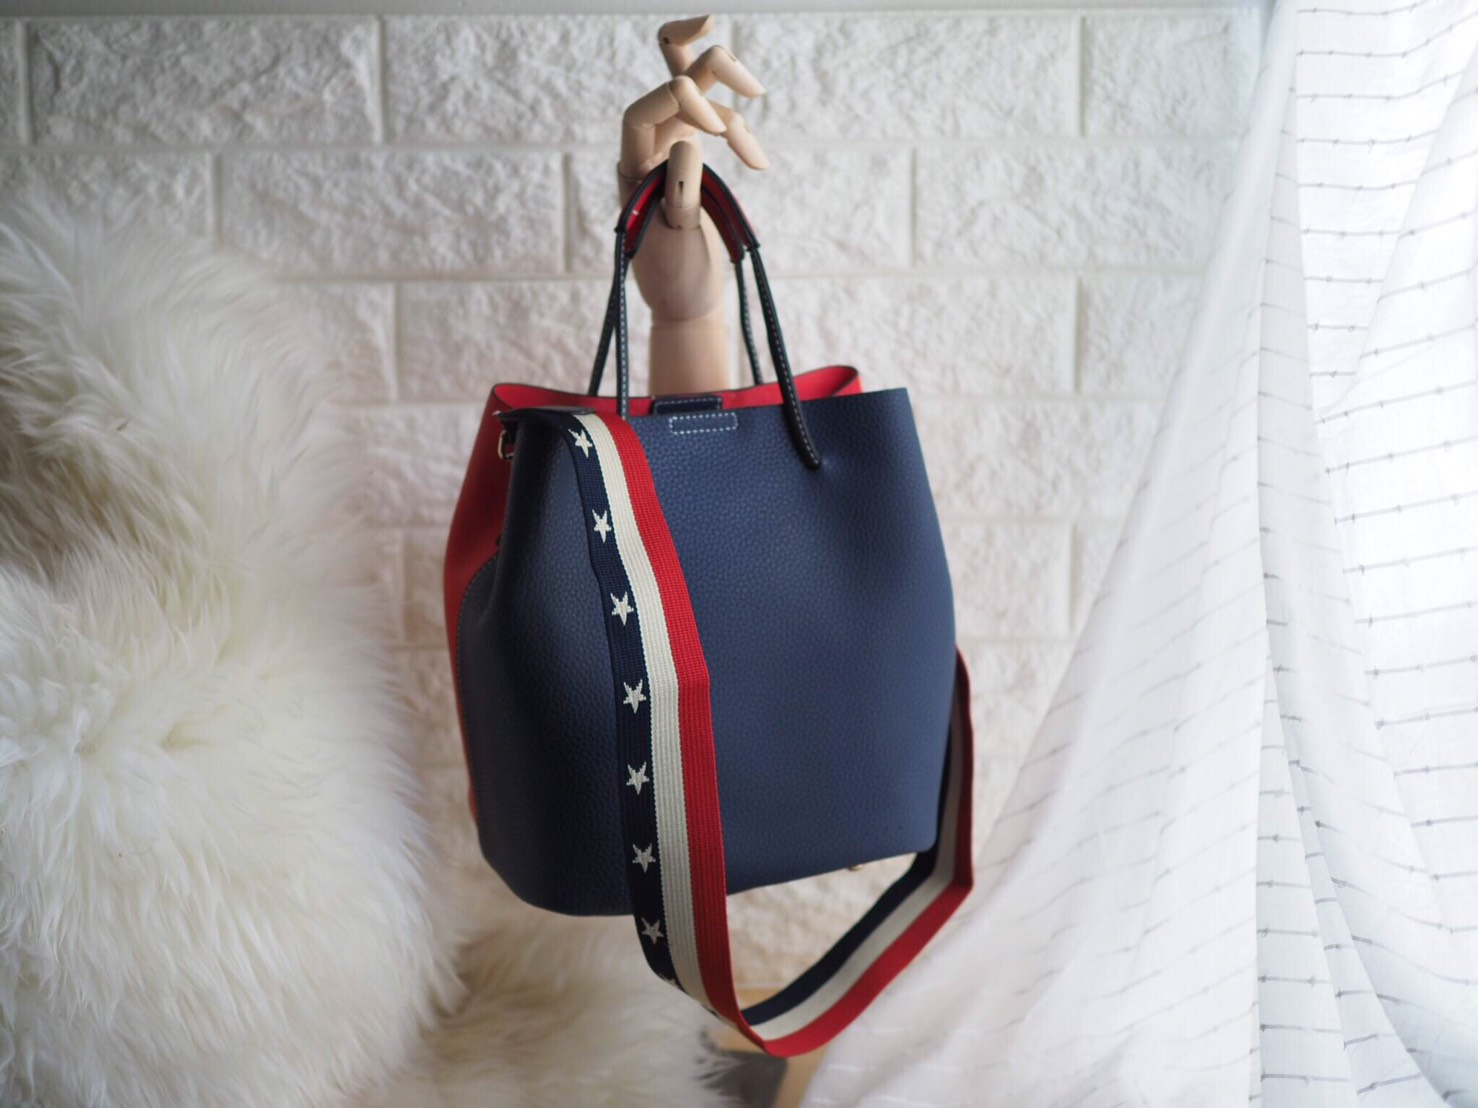 กระเป๋าแฟชั่นเกาหลี น่ารักๆ ที่มีแรงดึงดูดต่อใจ